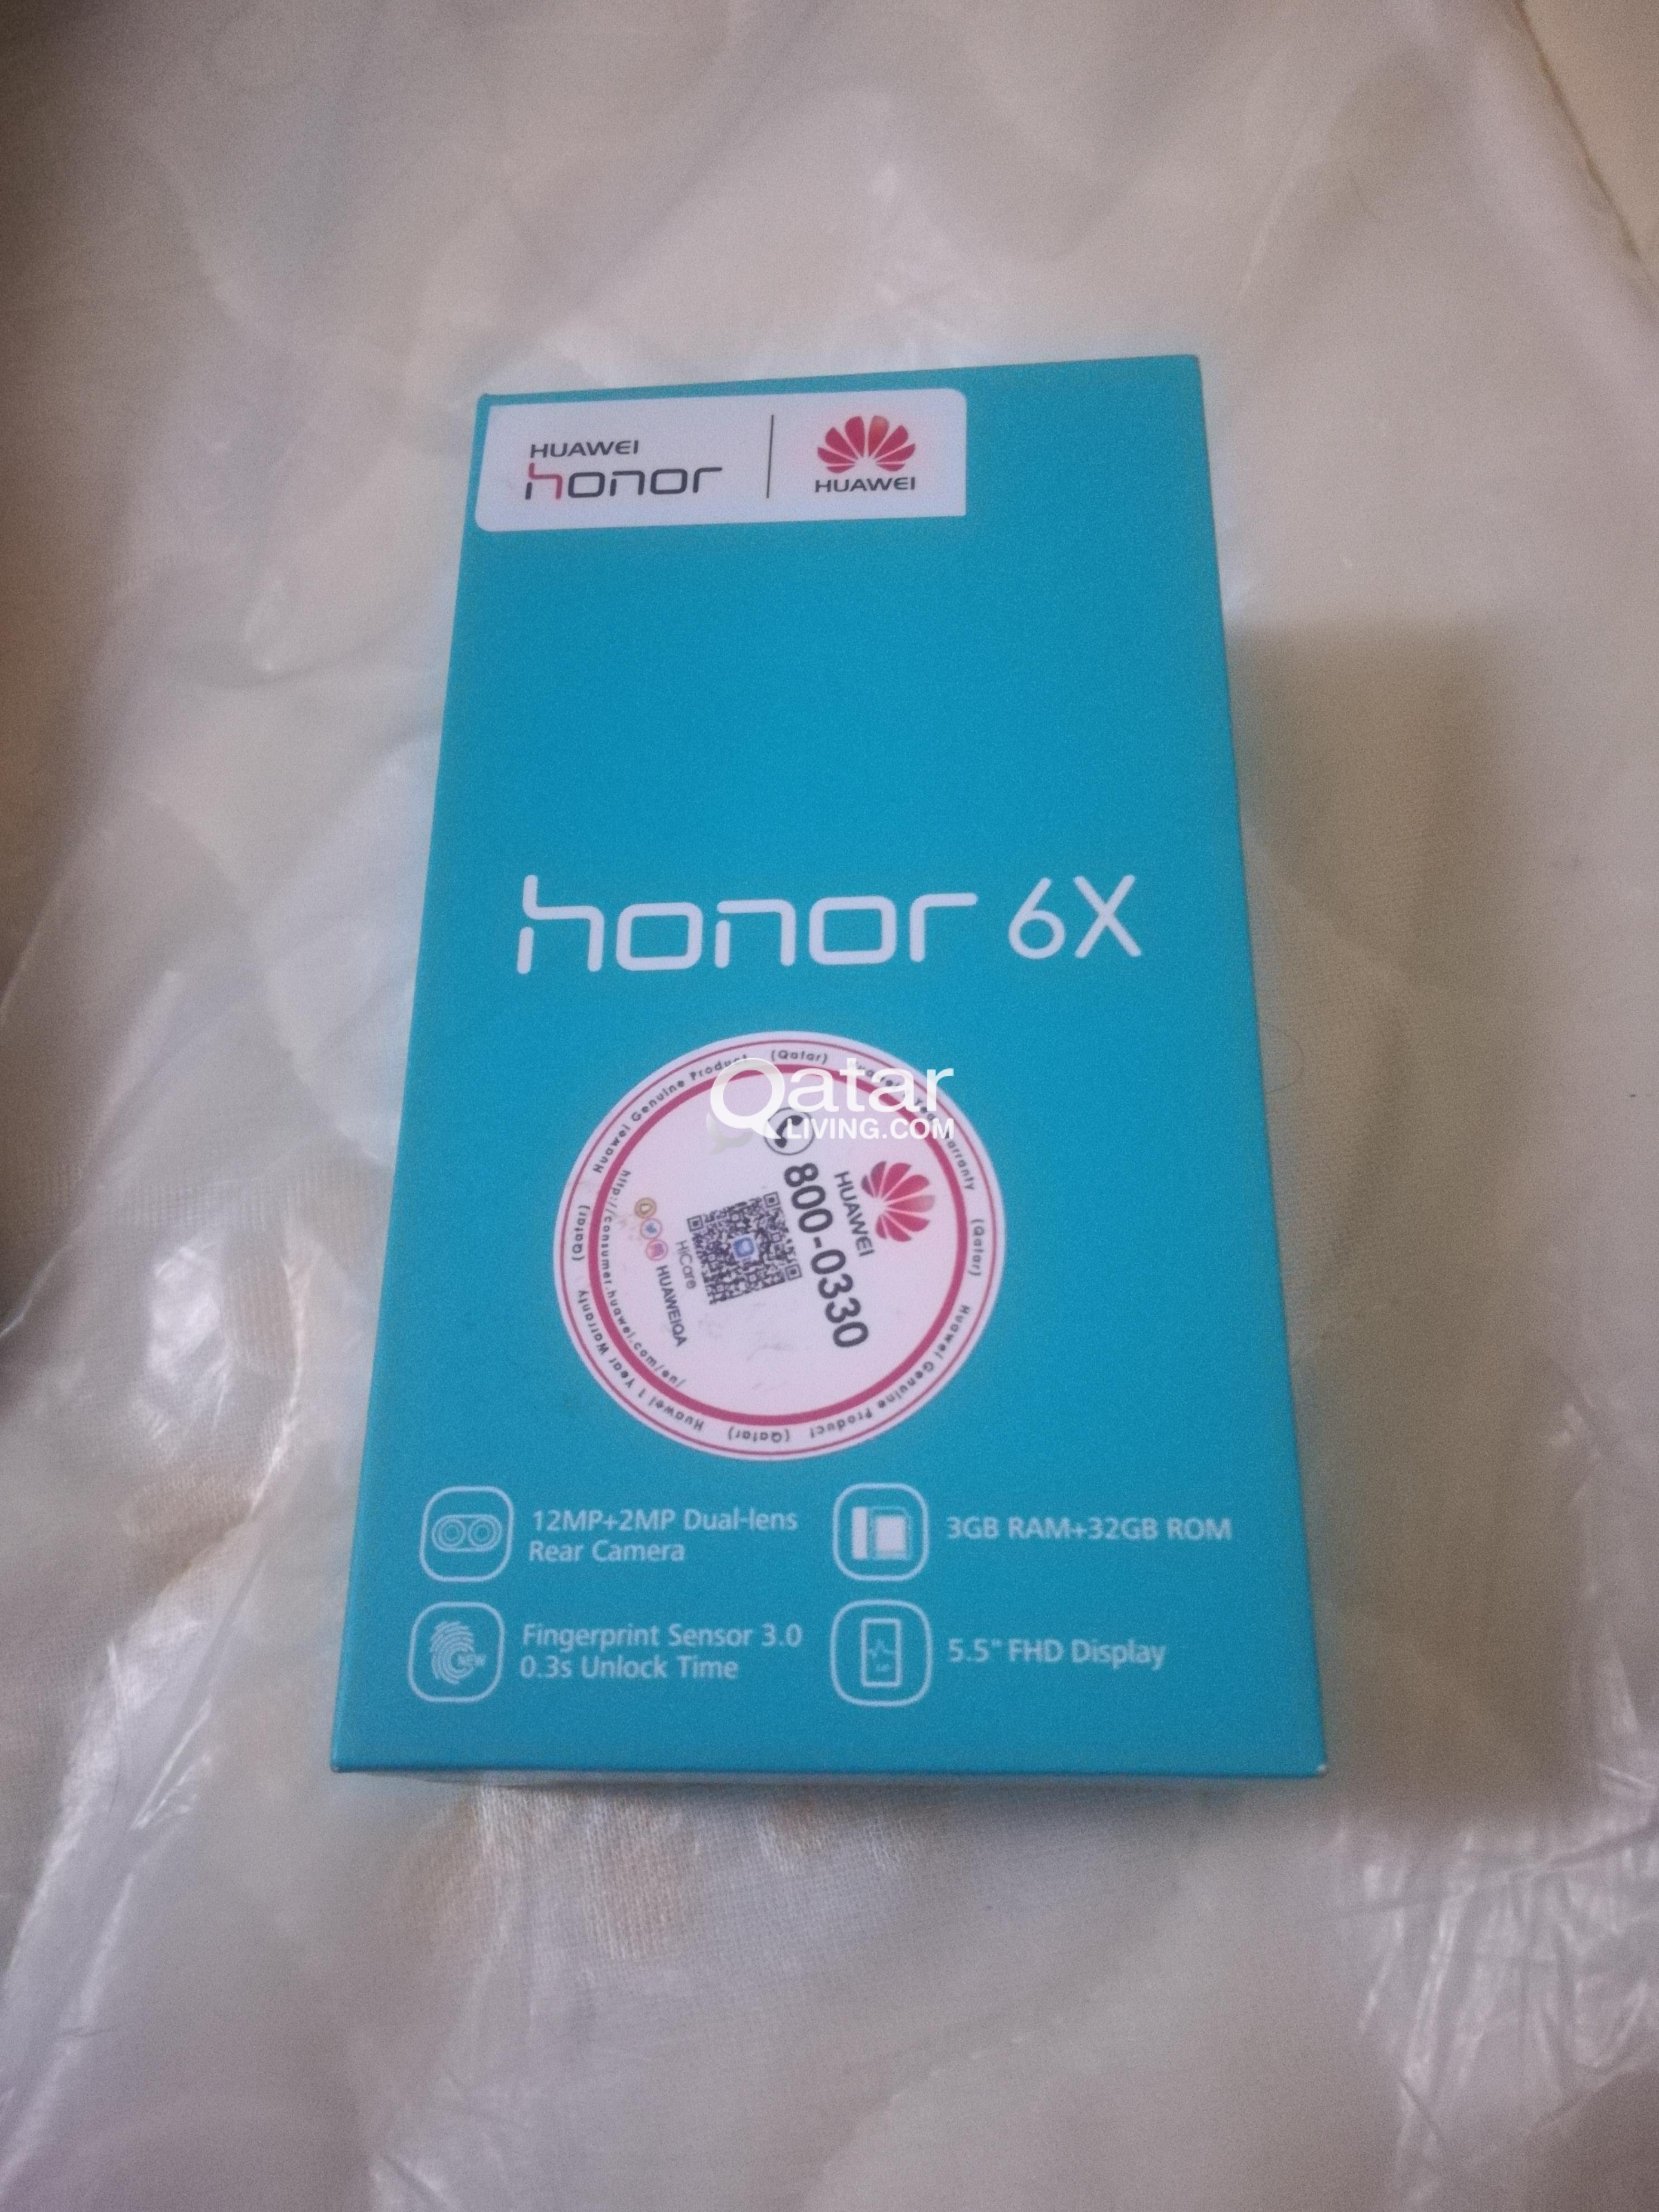 Huawei sealed 6x swap or sale last price 699 QR